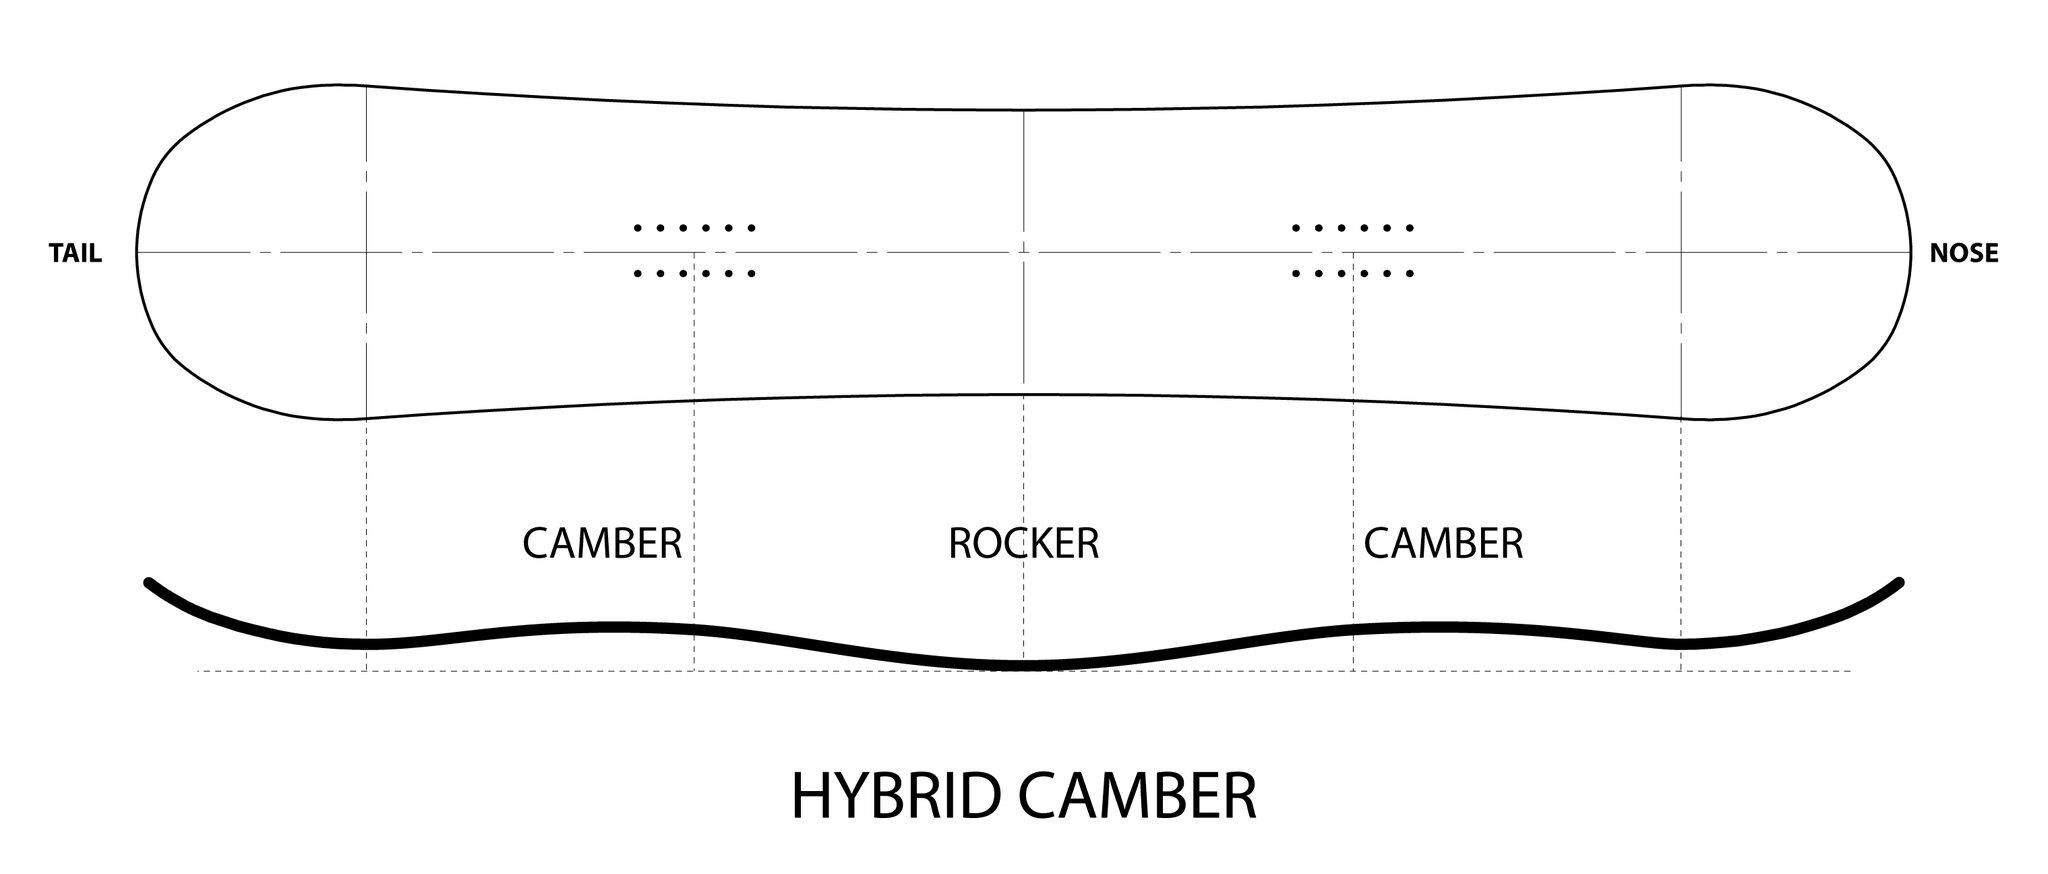 Hybrid Camber.jpg